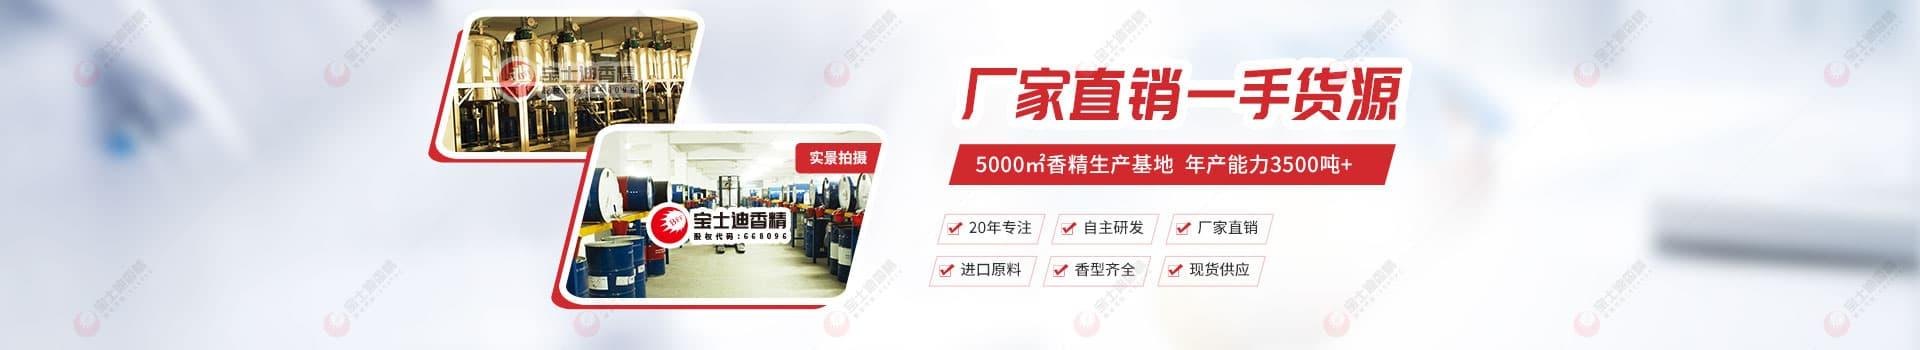 万博官网登录入口新万博manbetx体育app下载-厂家直销日化新万博manbetx体育app下载